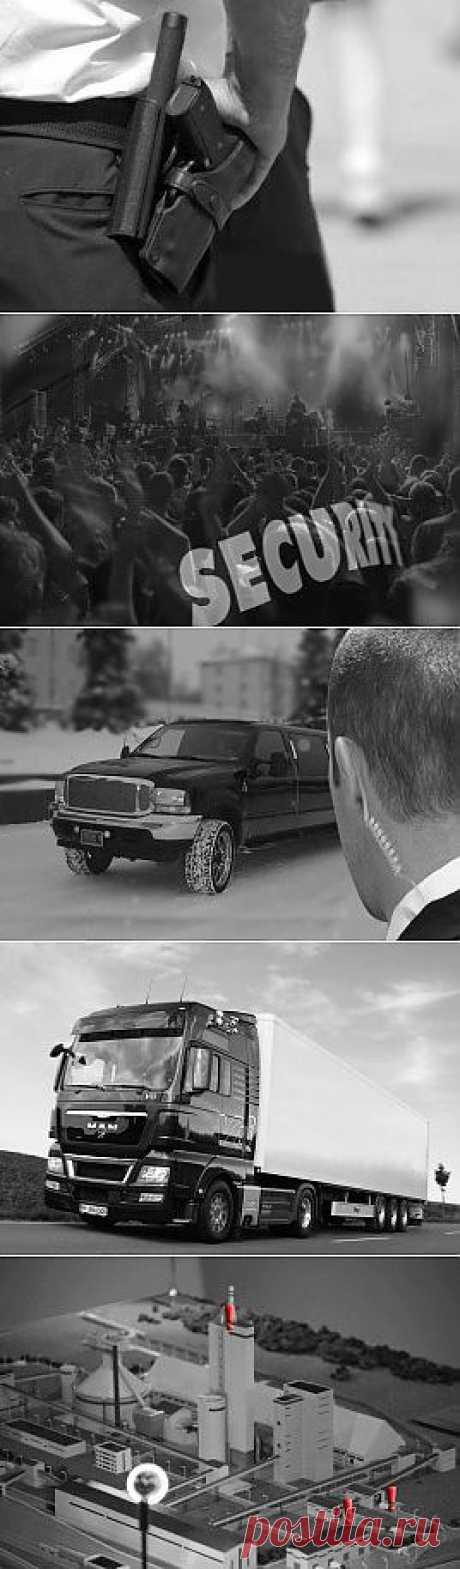 Услуги охраны, охрана предприятий, физическая охрана, личная охрана